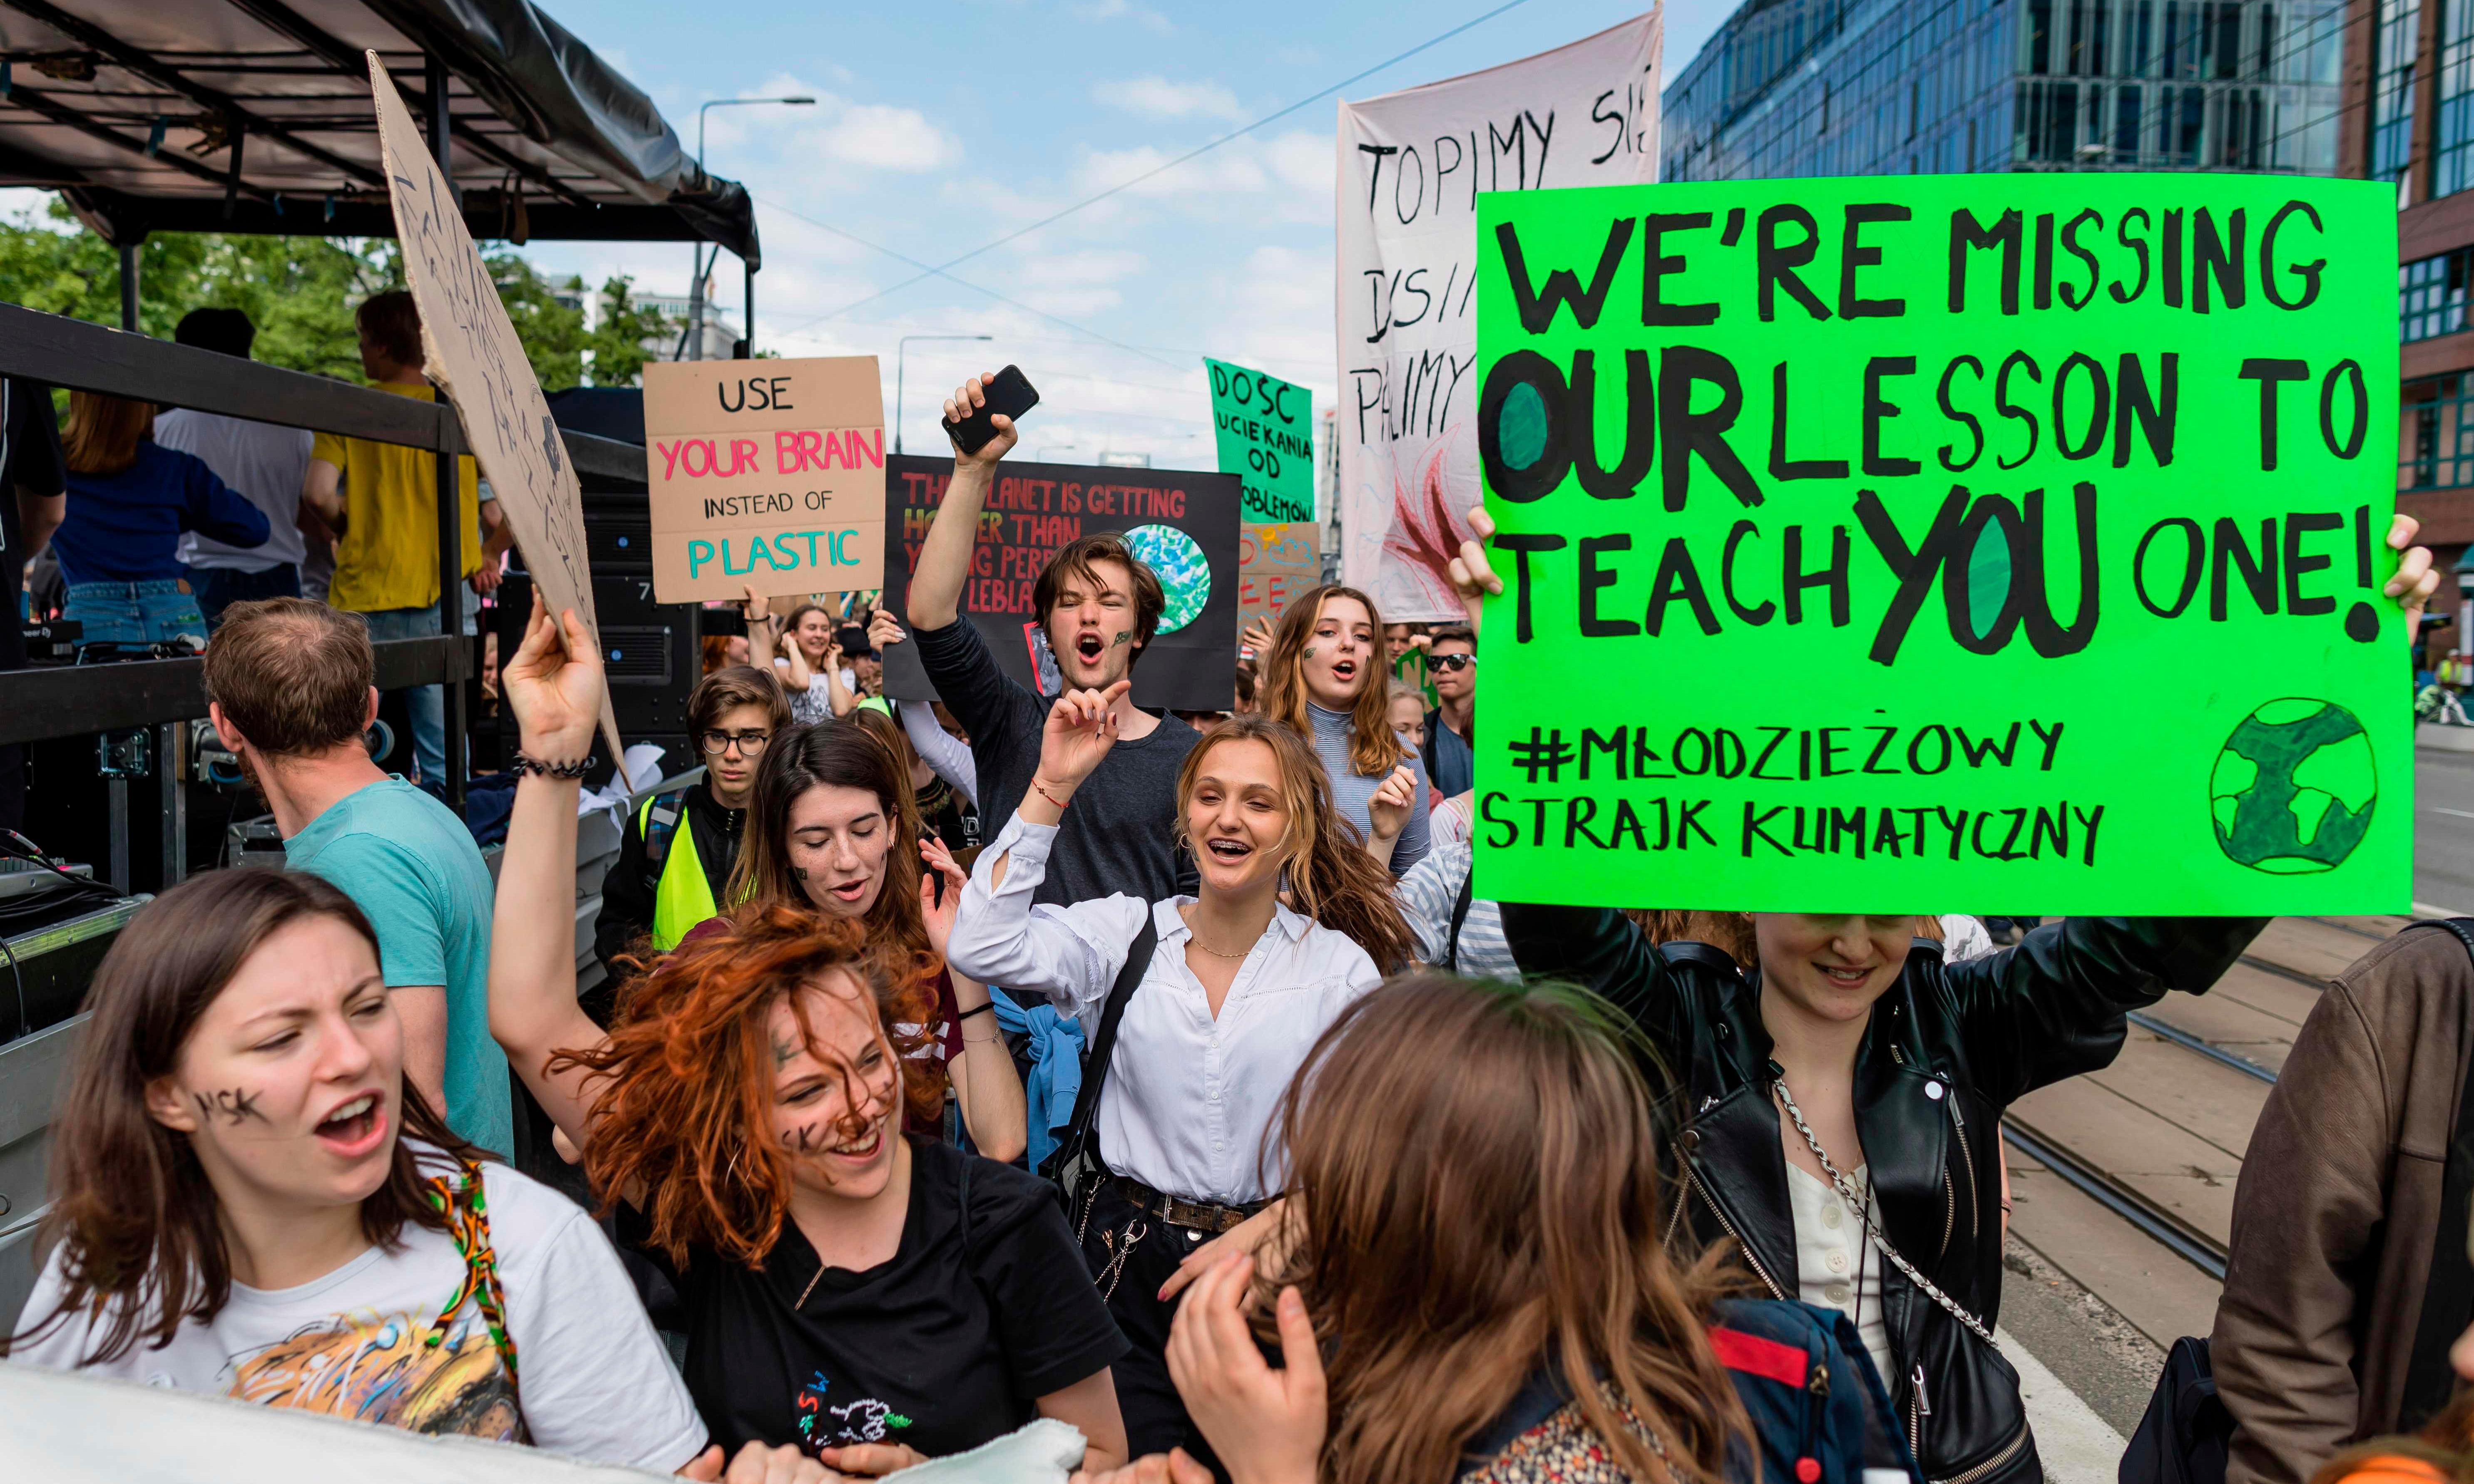 Schoolchildren go on strike across world over climate crisis